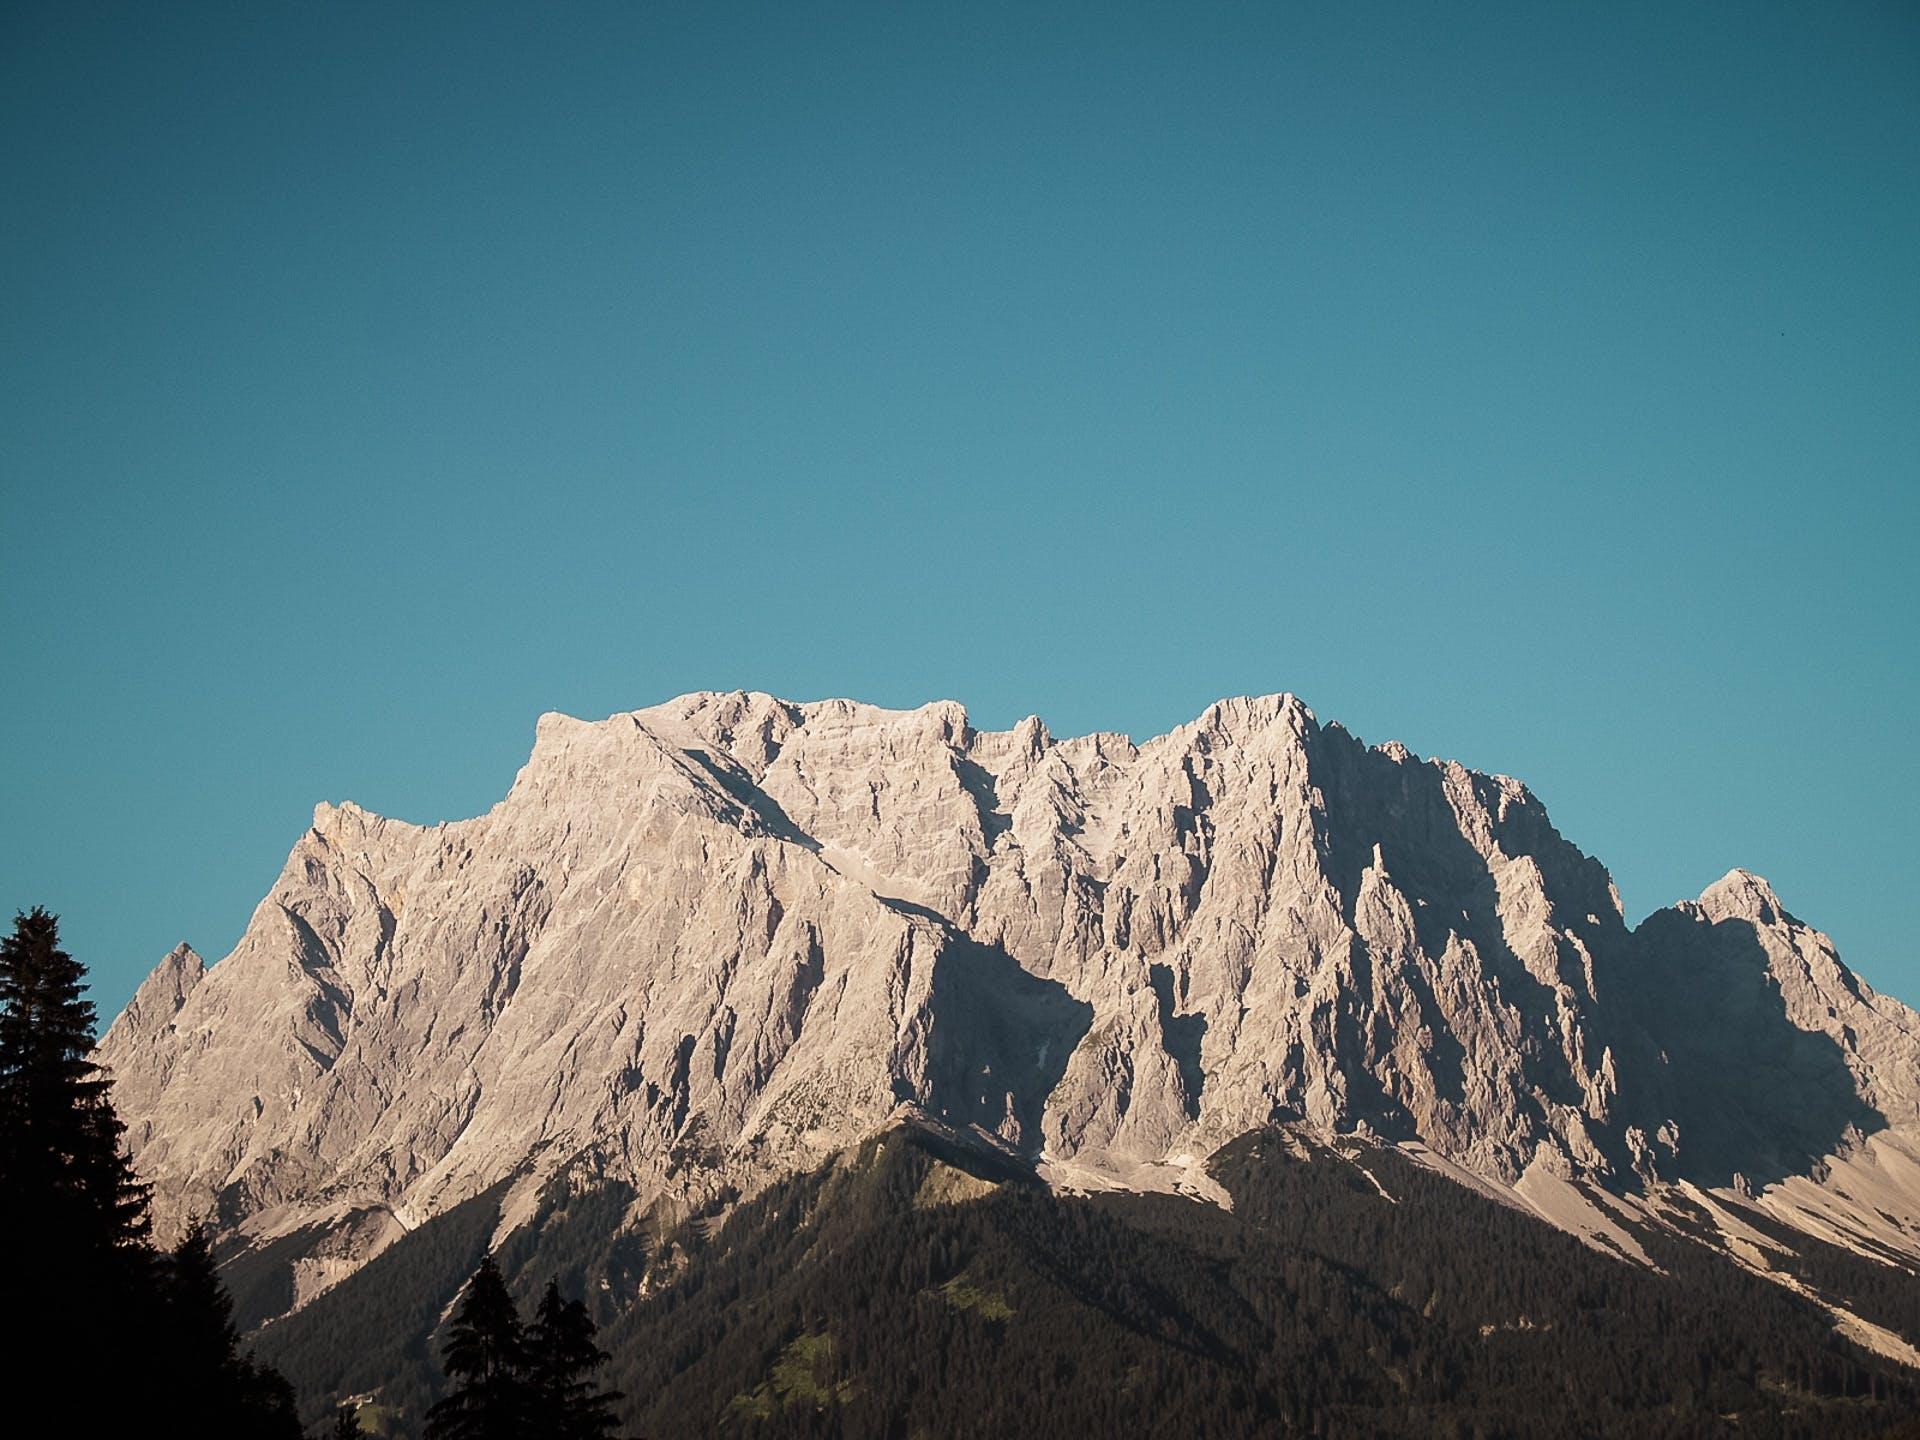 Kostenloses Stock Foto zu abenteuer, berg, blauer himmel, friedvoll